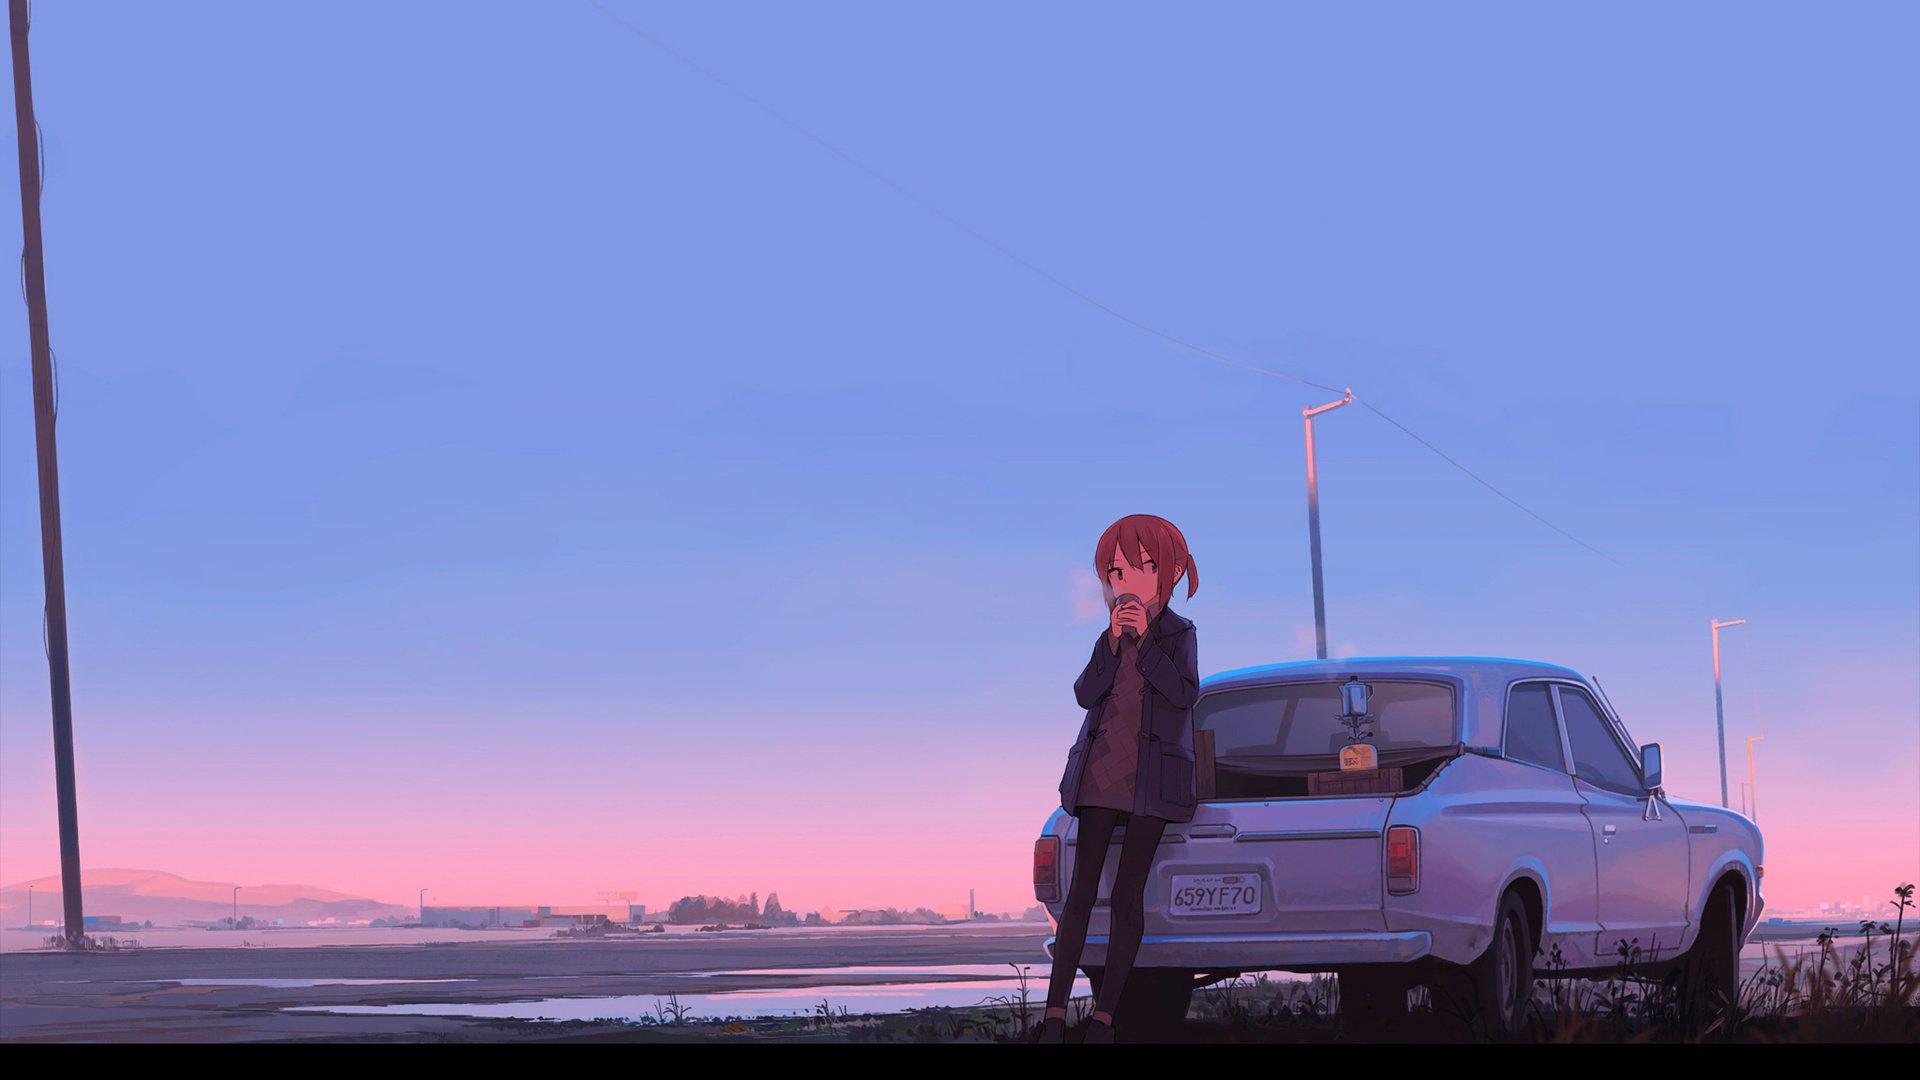 清晨 倚在汽车上喝水的少女 唯美动漫壁纸,高清电脑桌面壁纸